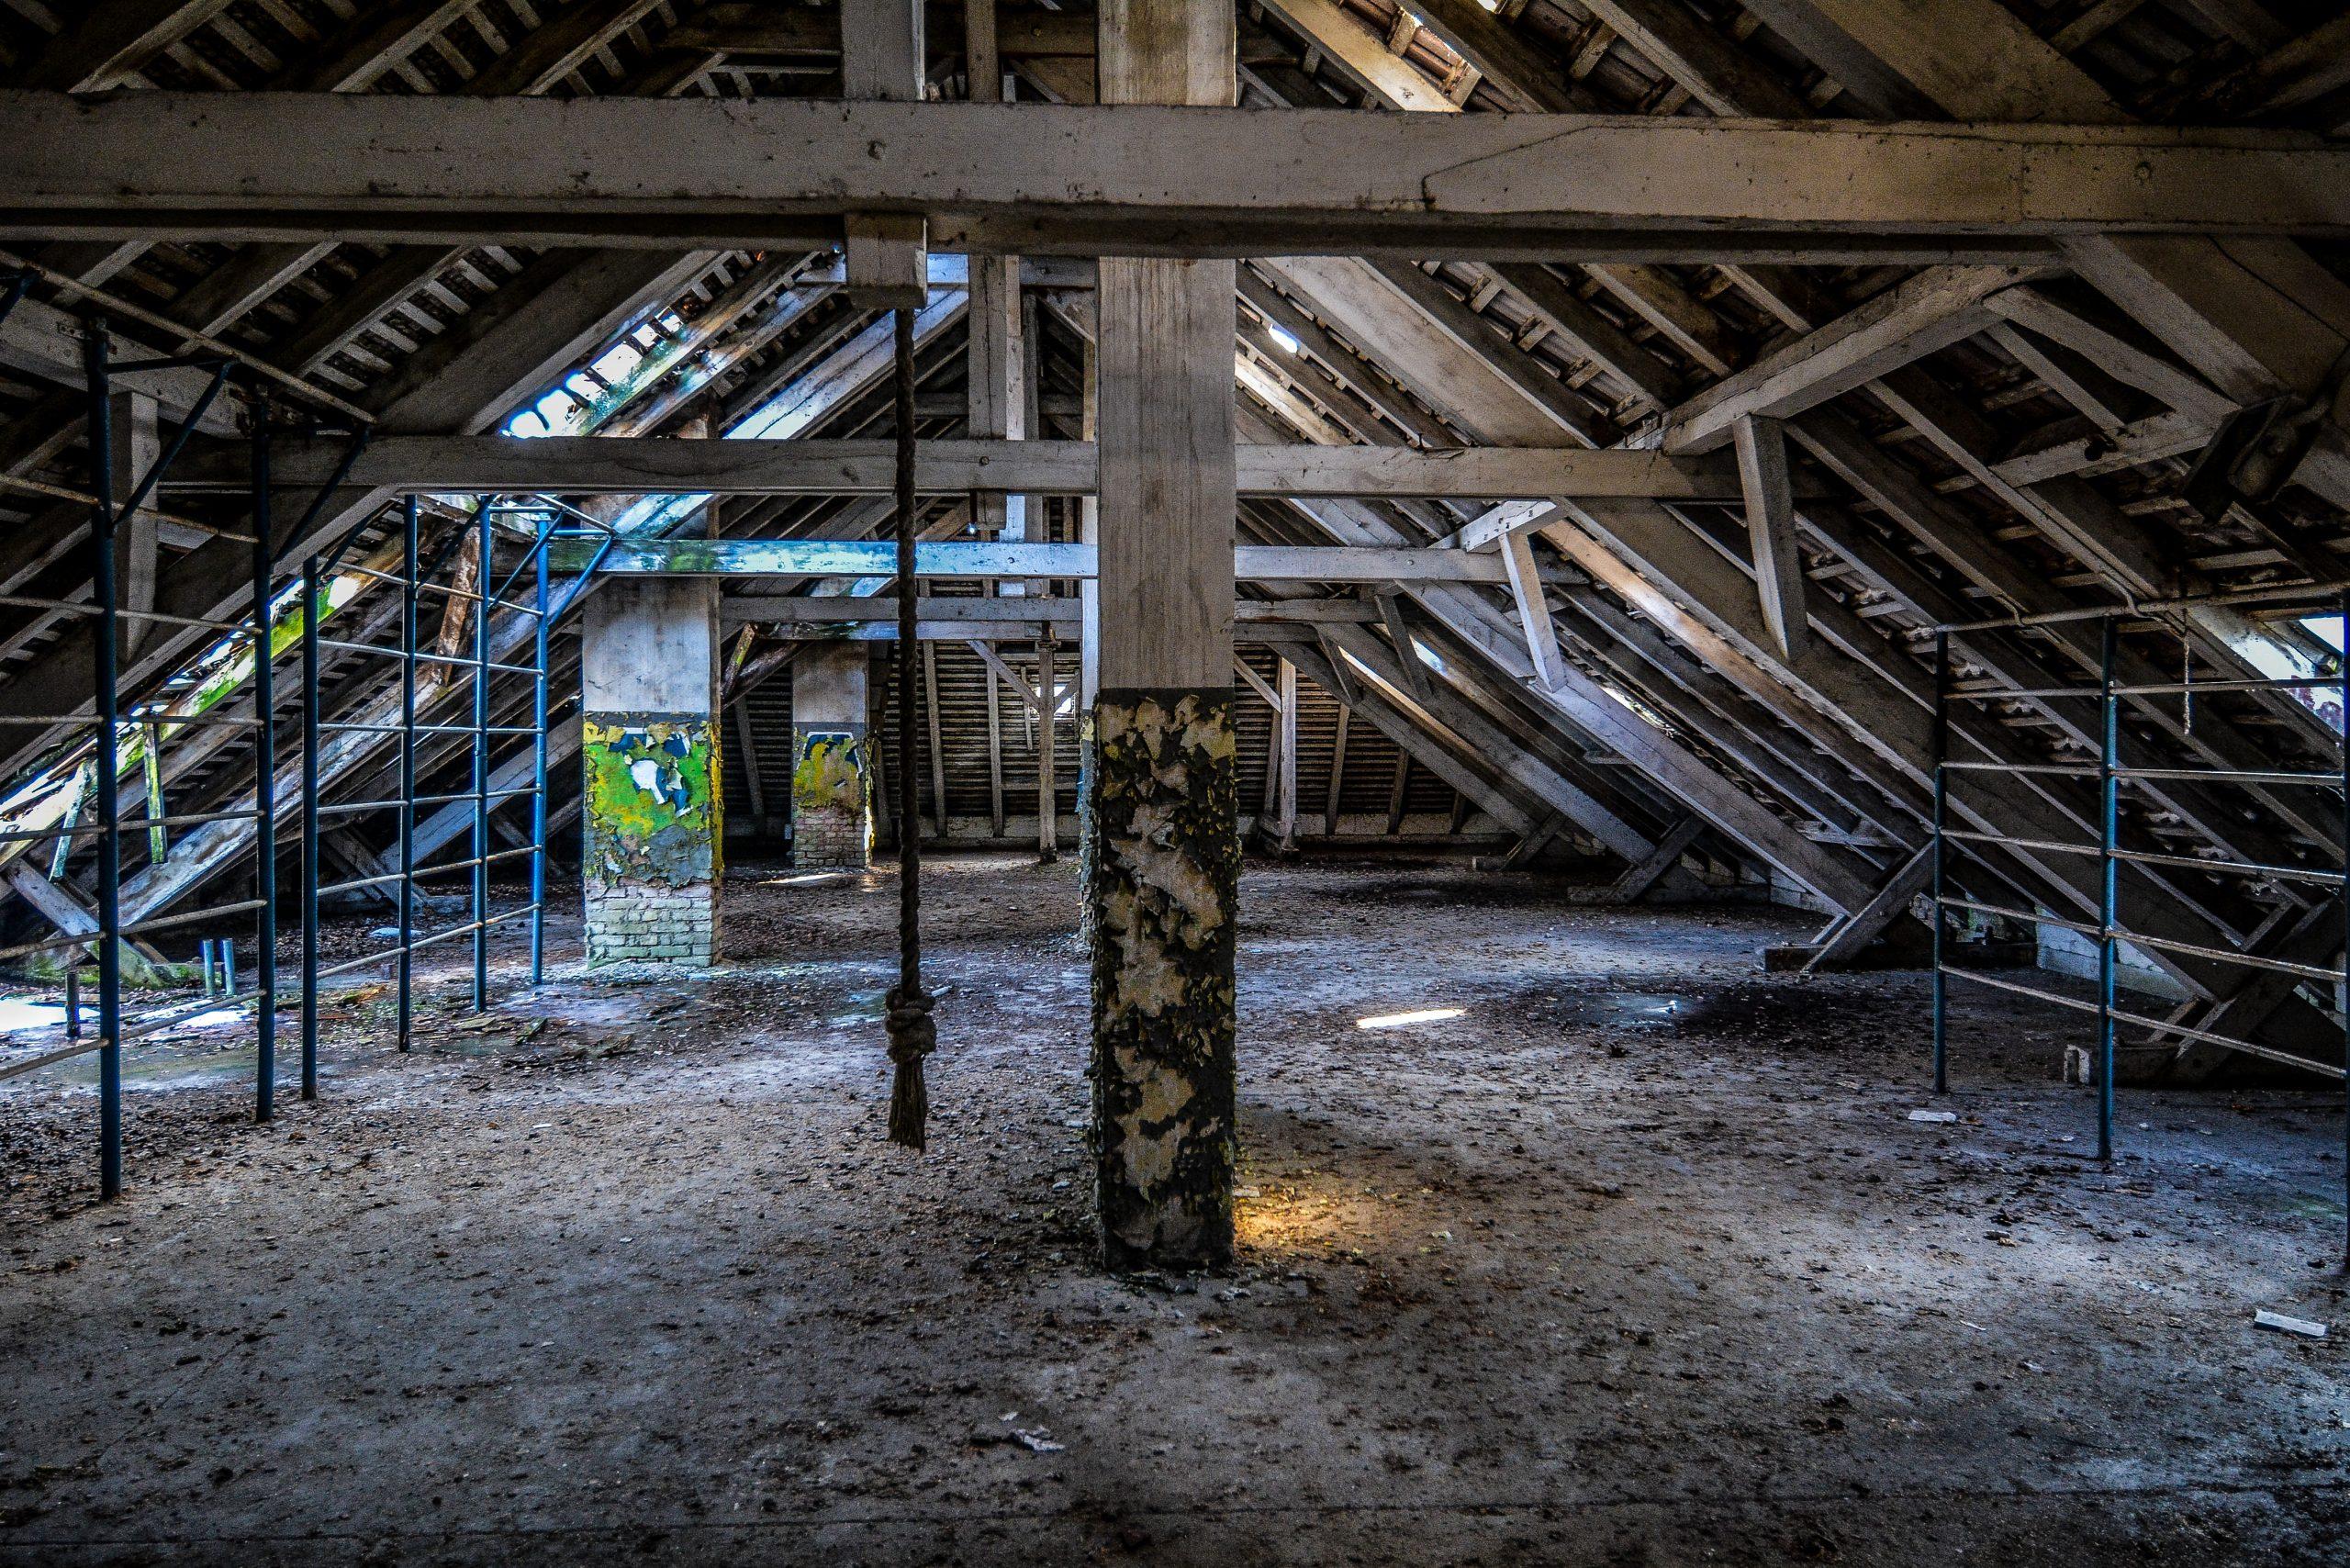 attic soviet gym forst zinna adolf hitler lager luckenwalde juterbog sowjet kaserne soviet military barracks germany lost places urbex abandoned